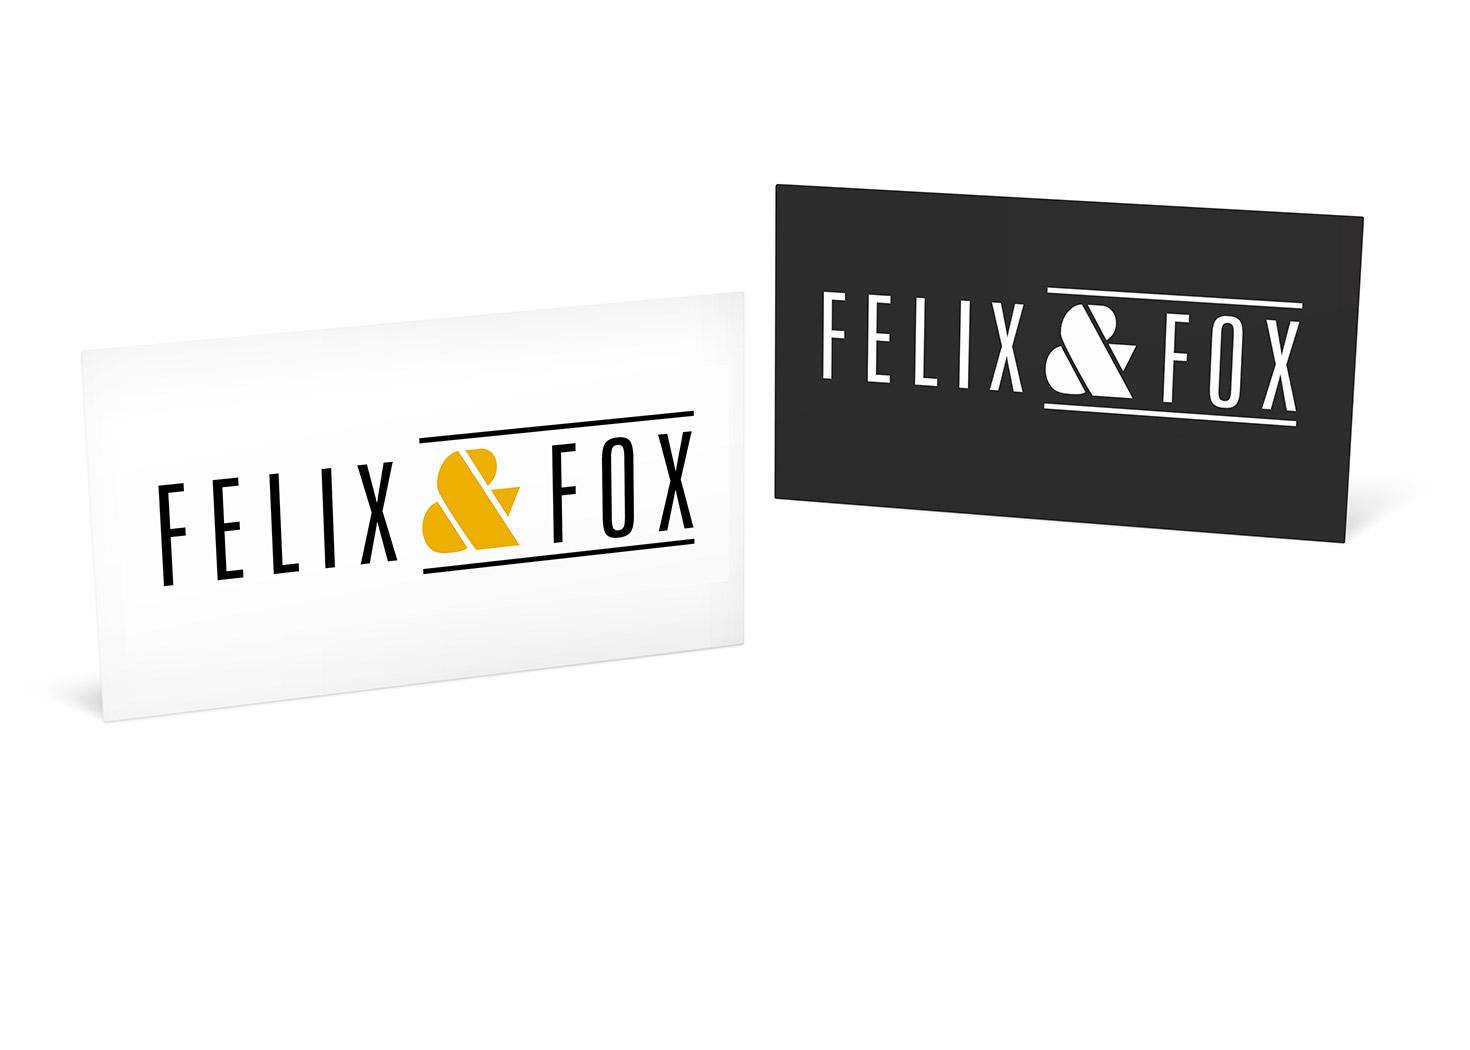 Client: Felix & Fox